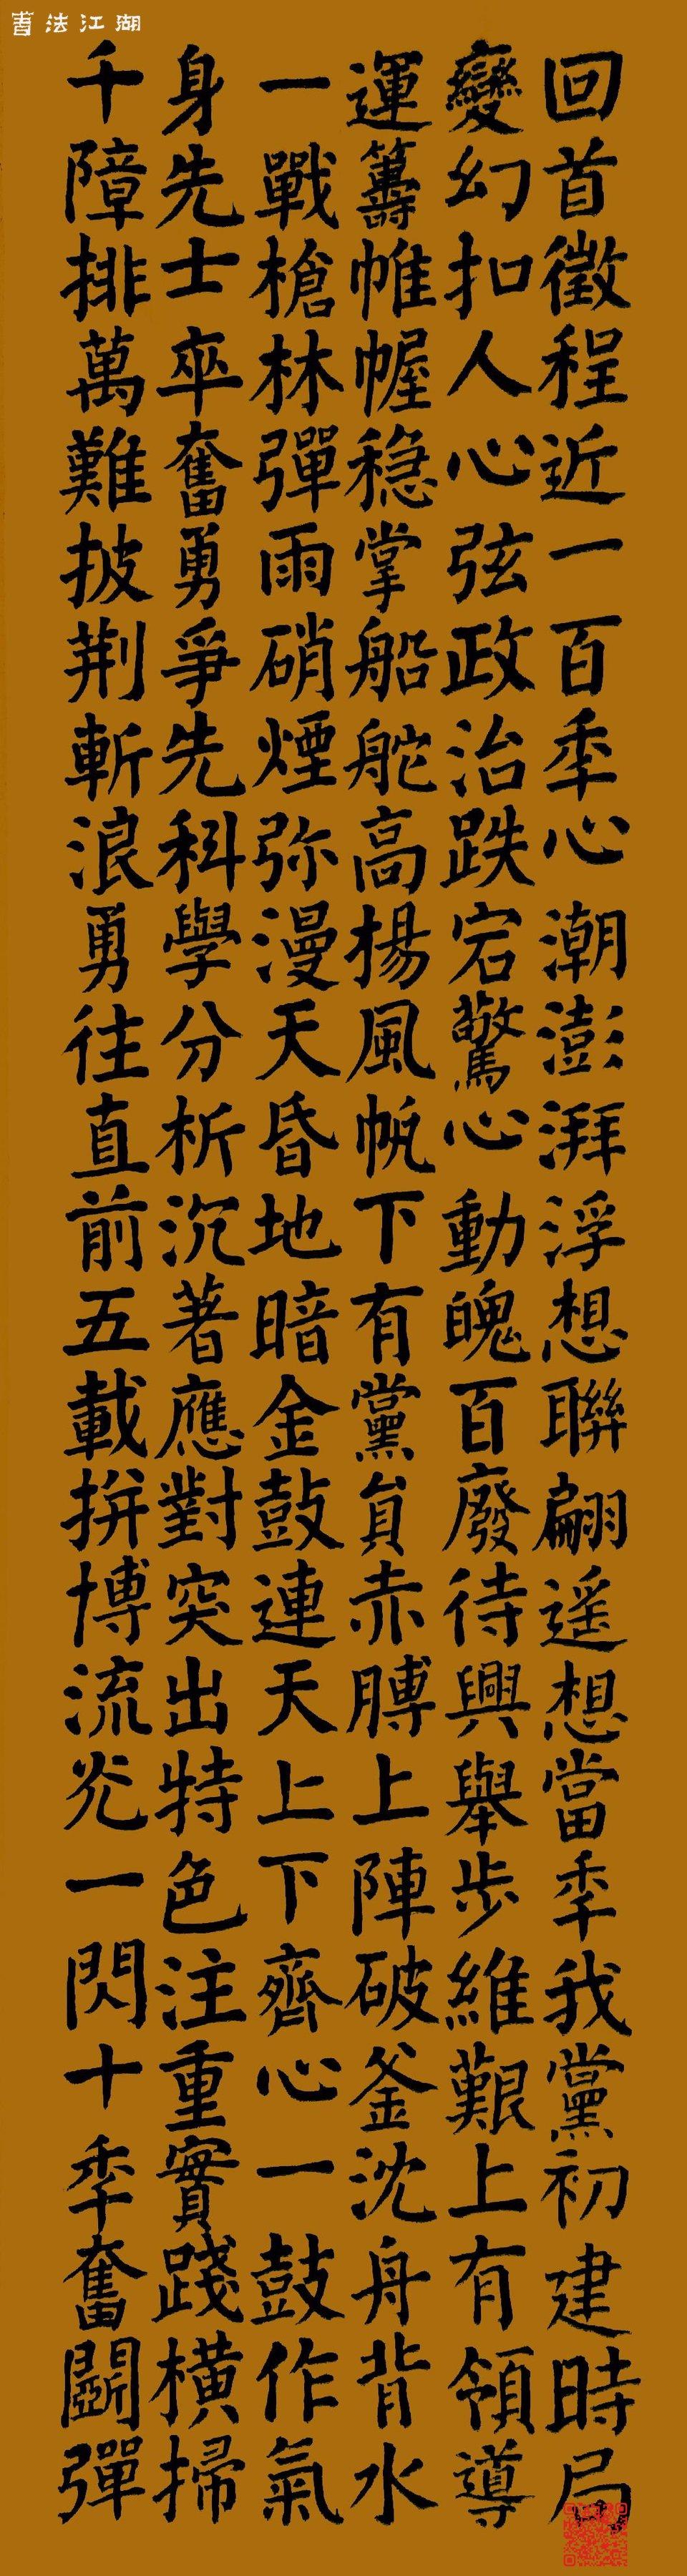 IMG_20210503备战本市庆祝中国共产党成立100周年书法展览 先练习.jpg